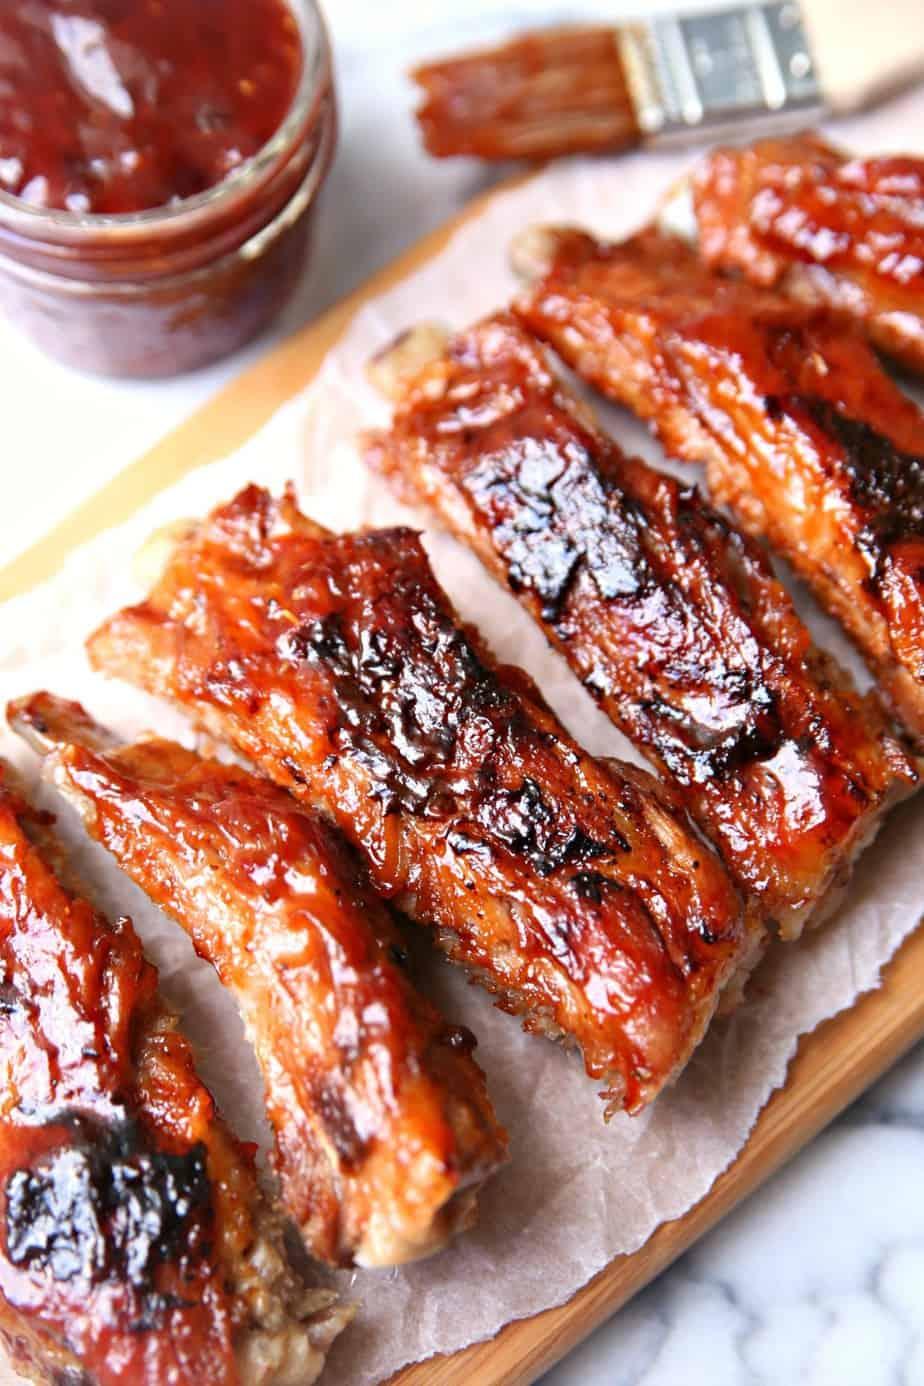 BBQ Raspberry Glazed Ribs